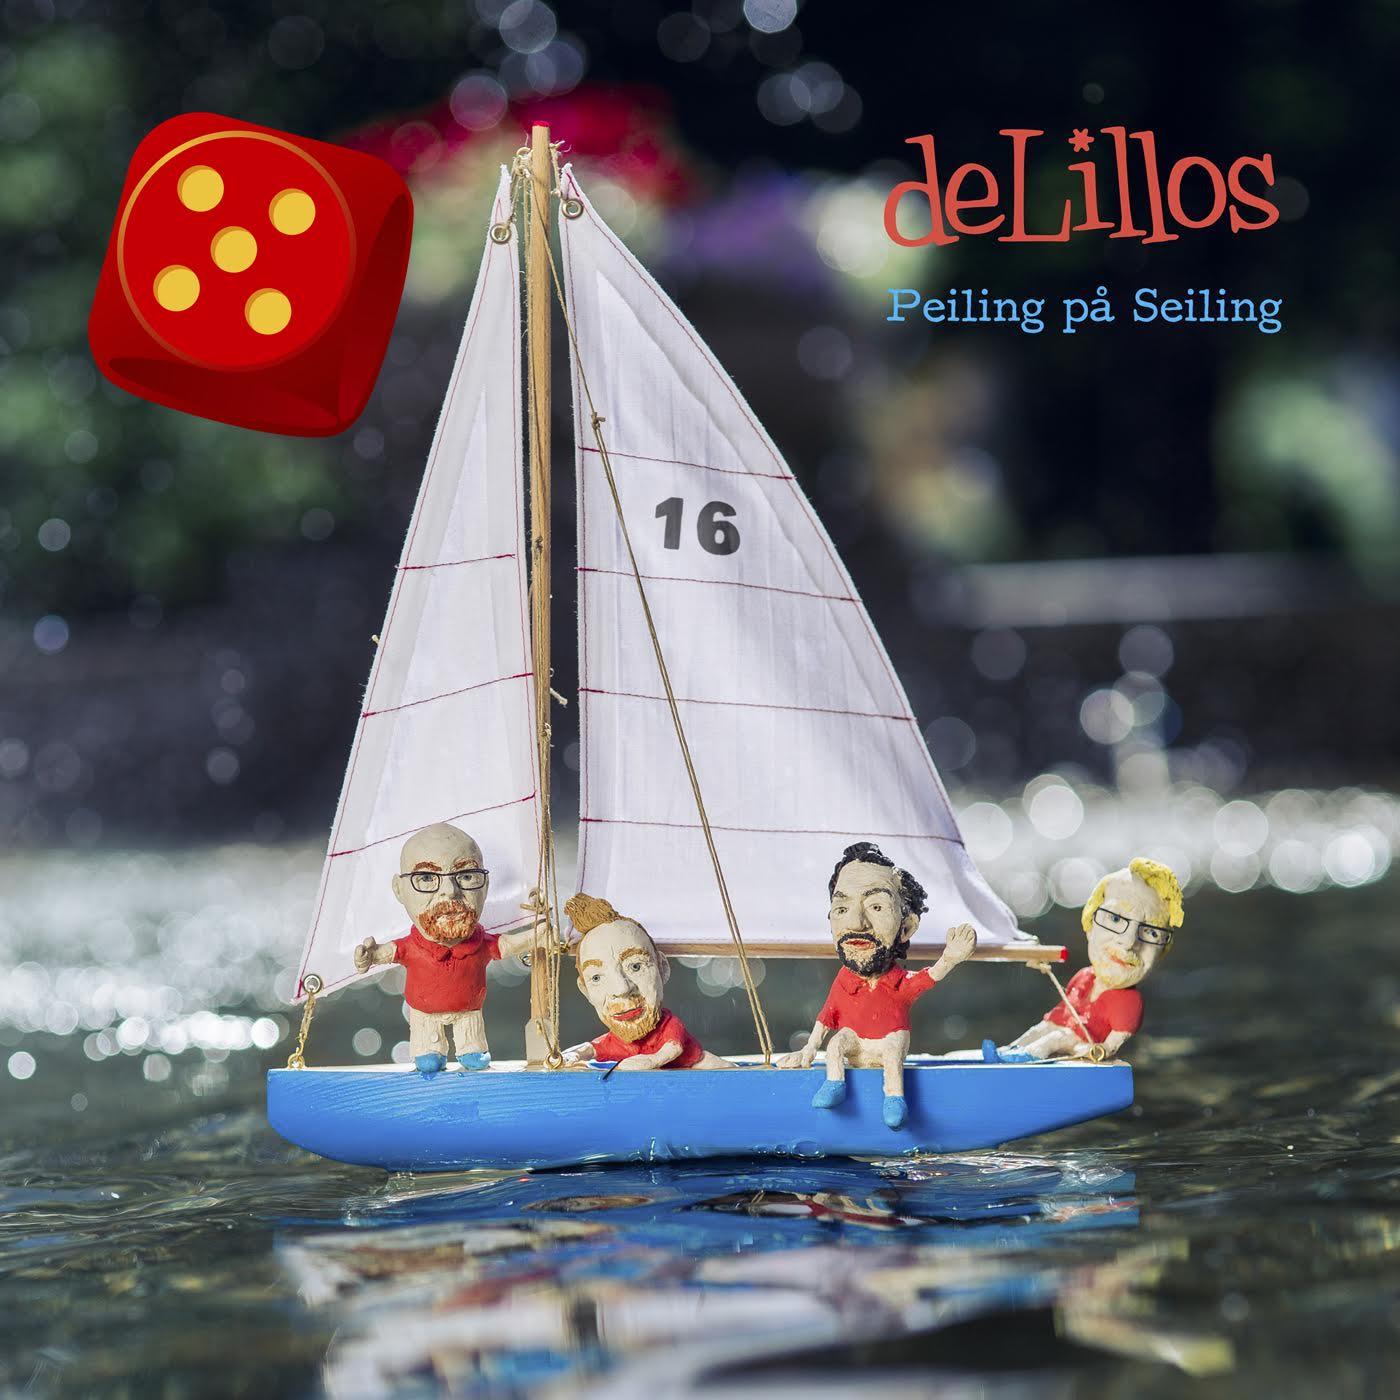 paaoret5-delillos